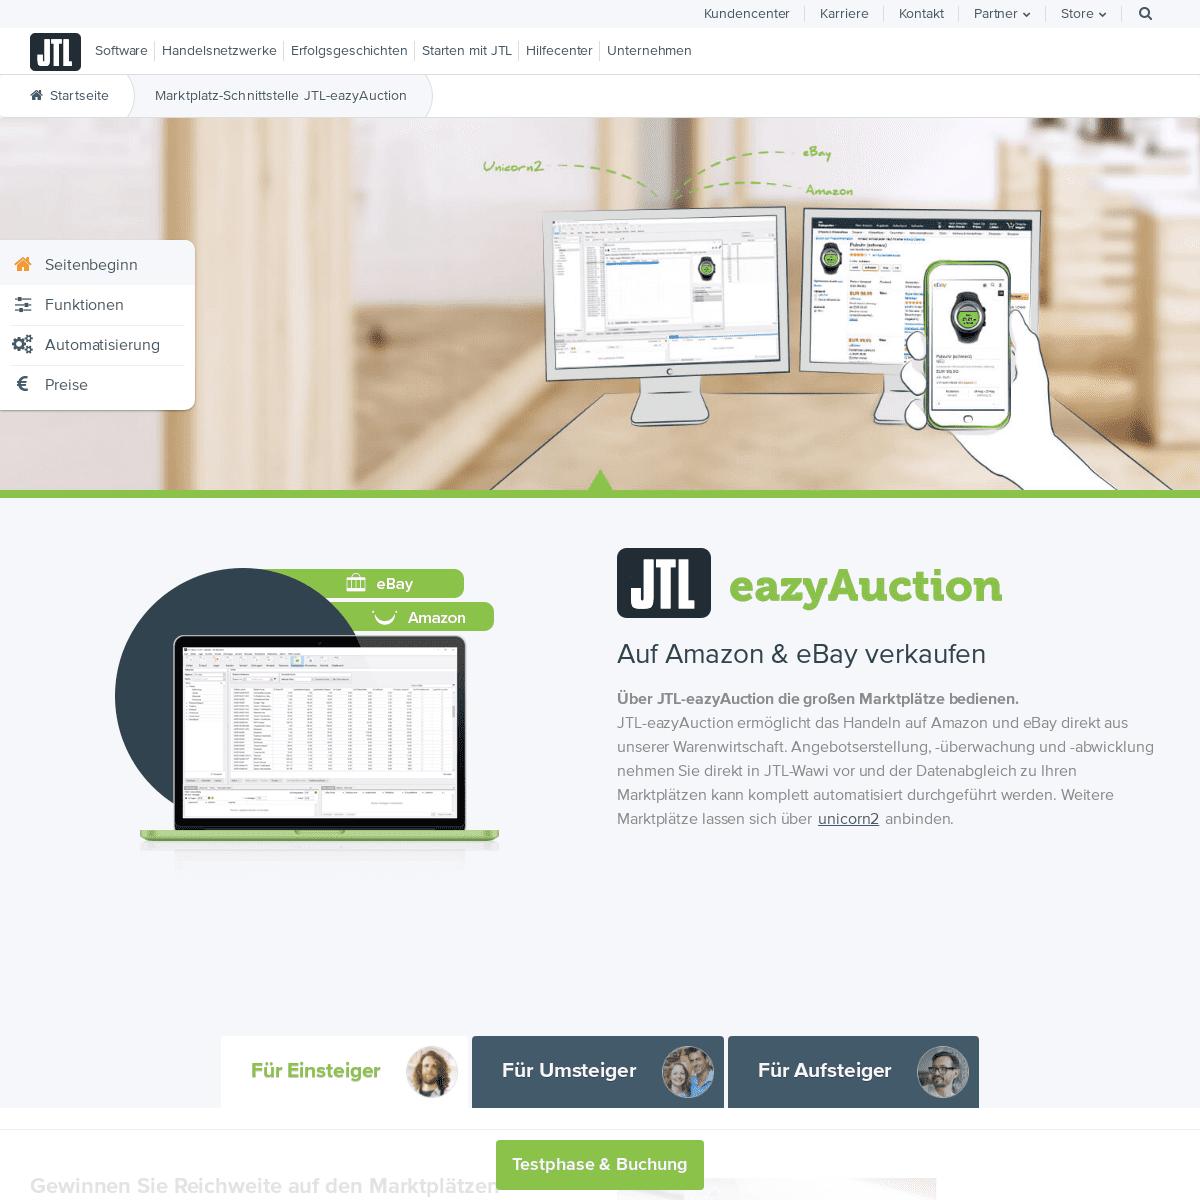 Bei Amazon & eBay verkaufen - Multi-Channel Vertrieb mit JTL-Software